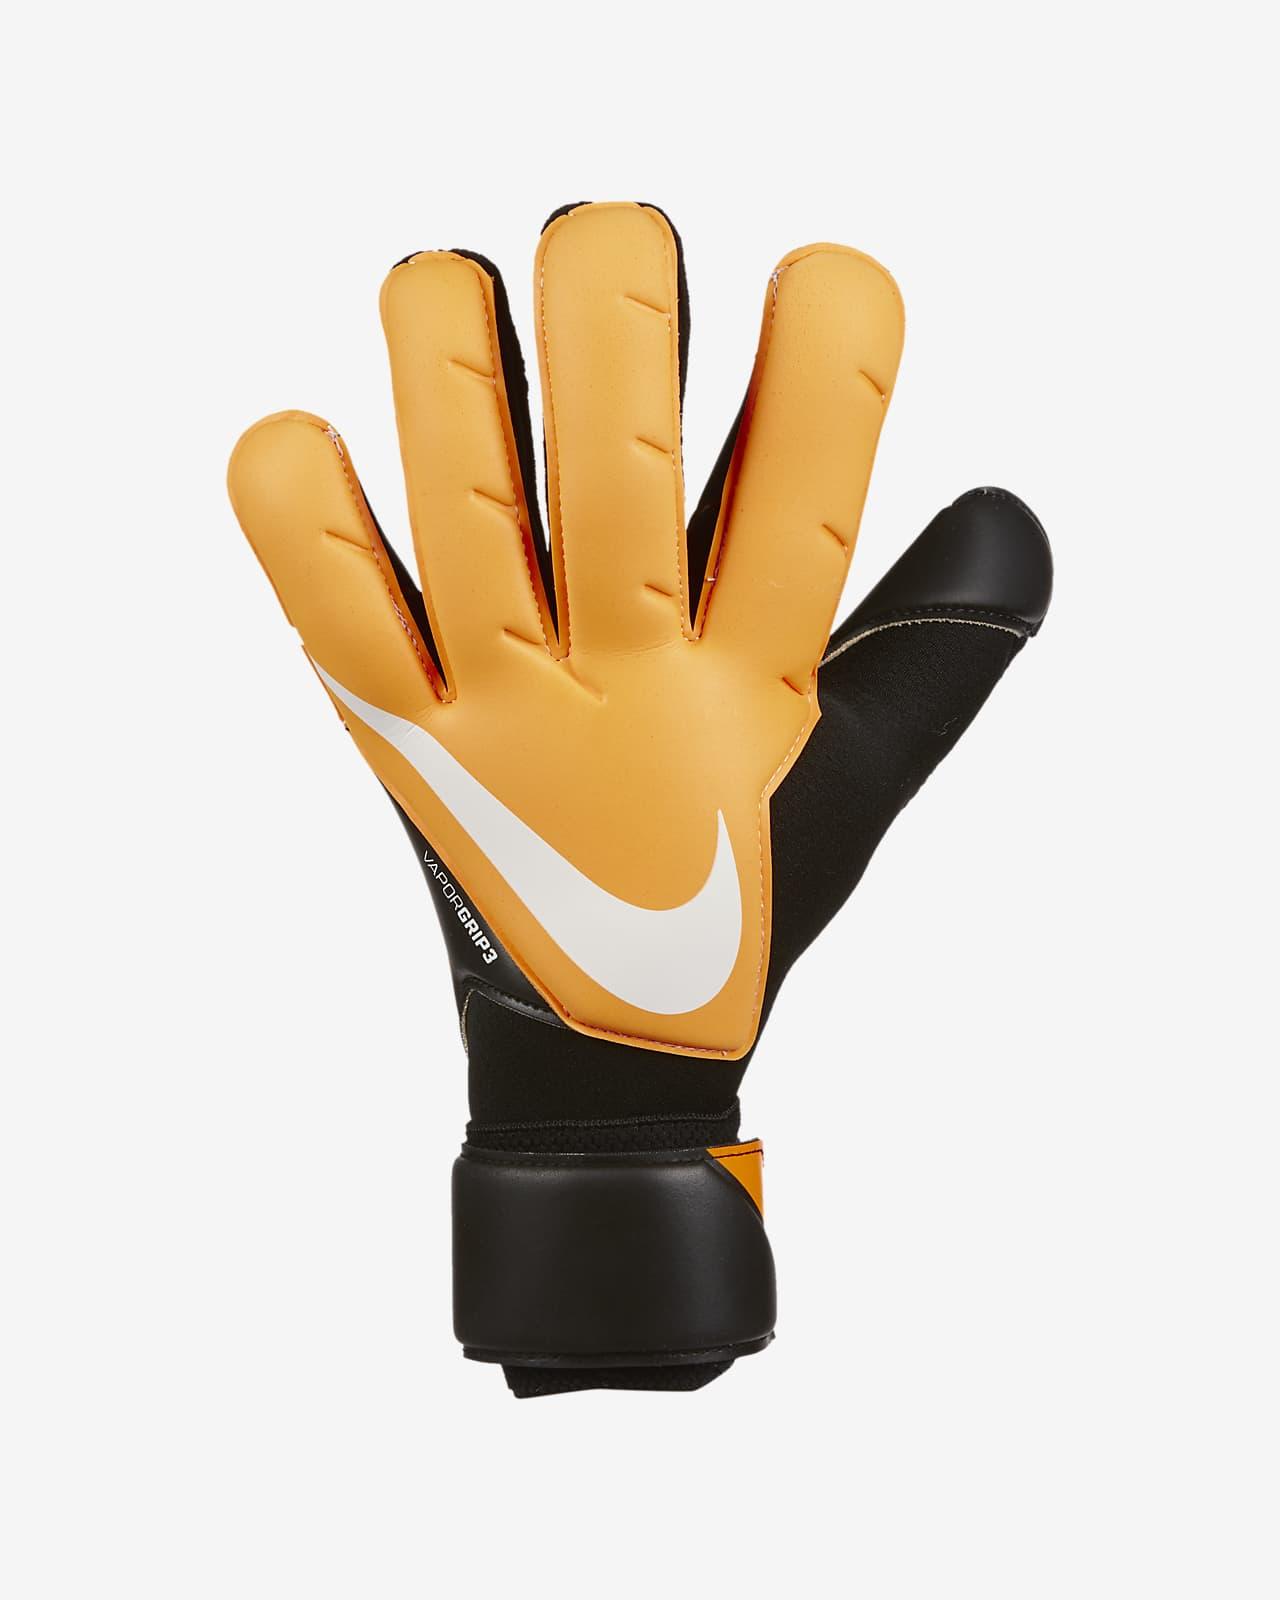 Gants de football Nike Goalkeeper Vapor Grip3